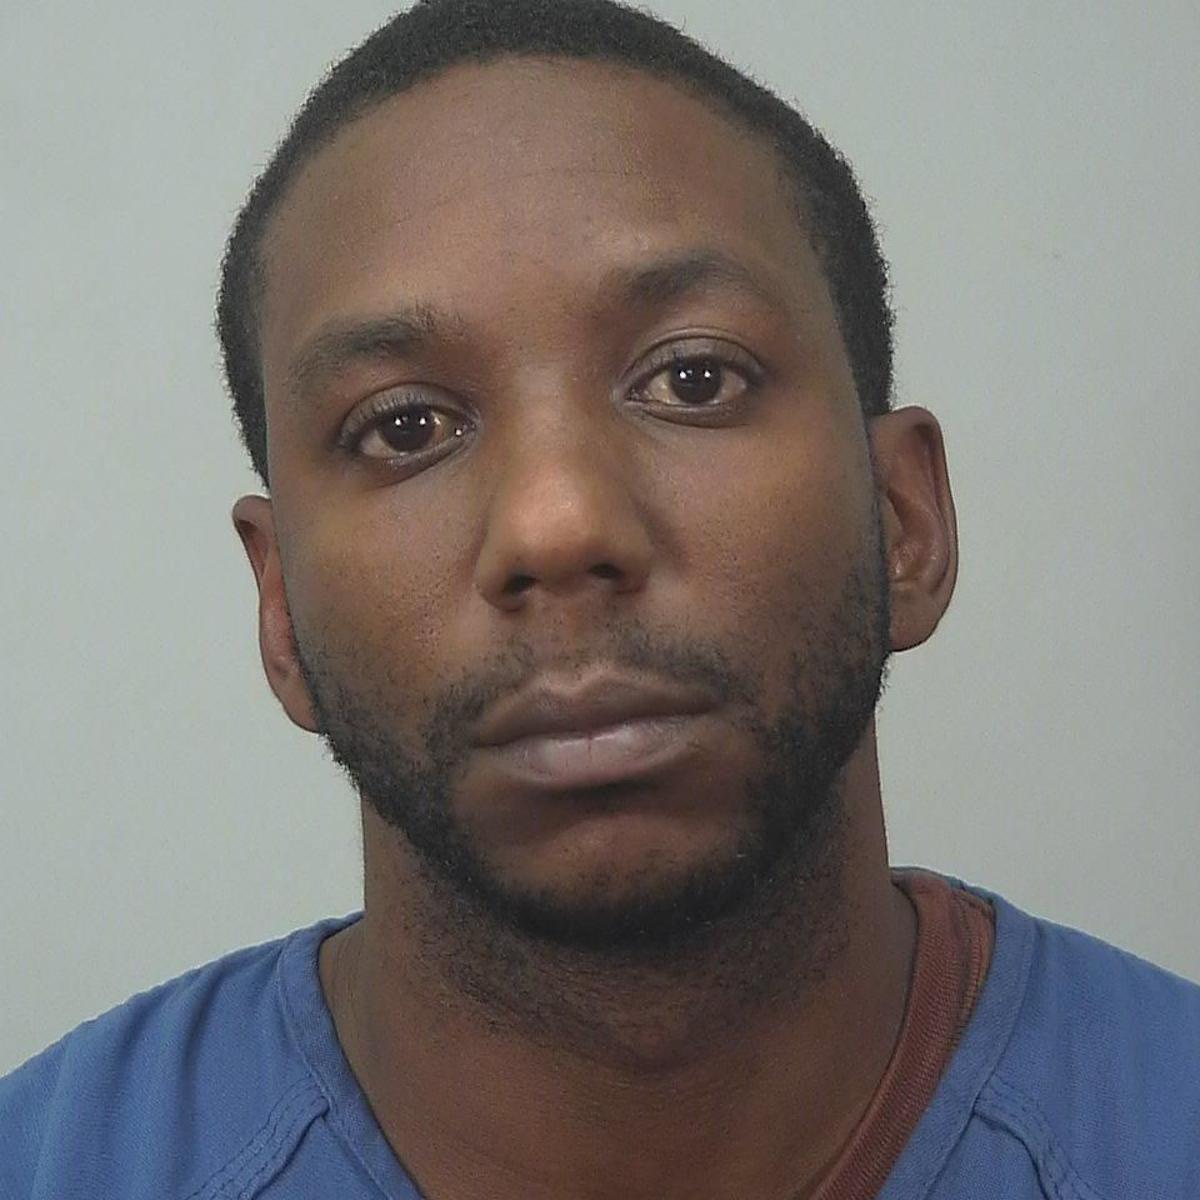 Alleged drug dealer arrested, $17,500 in cocaine, crack